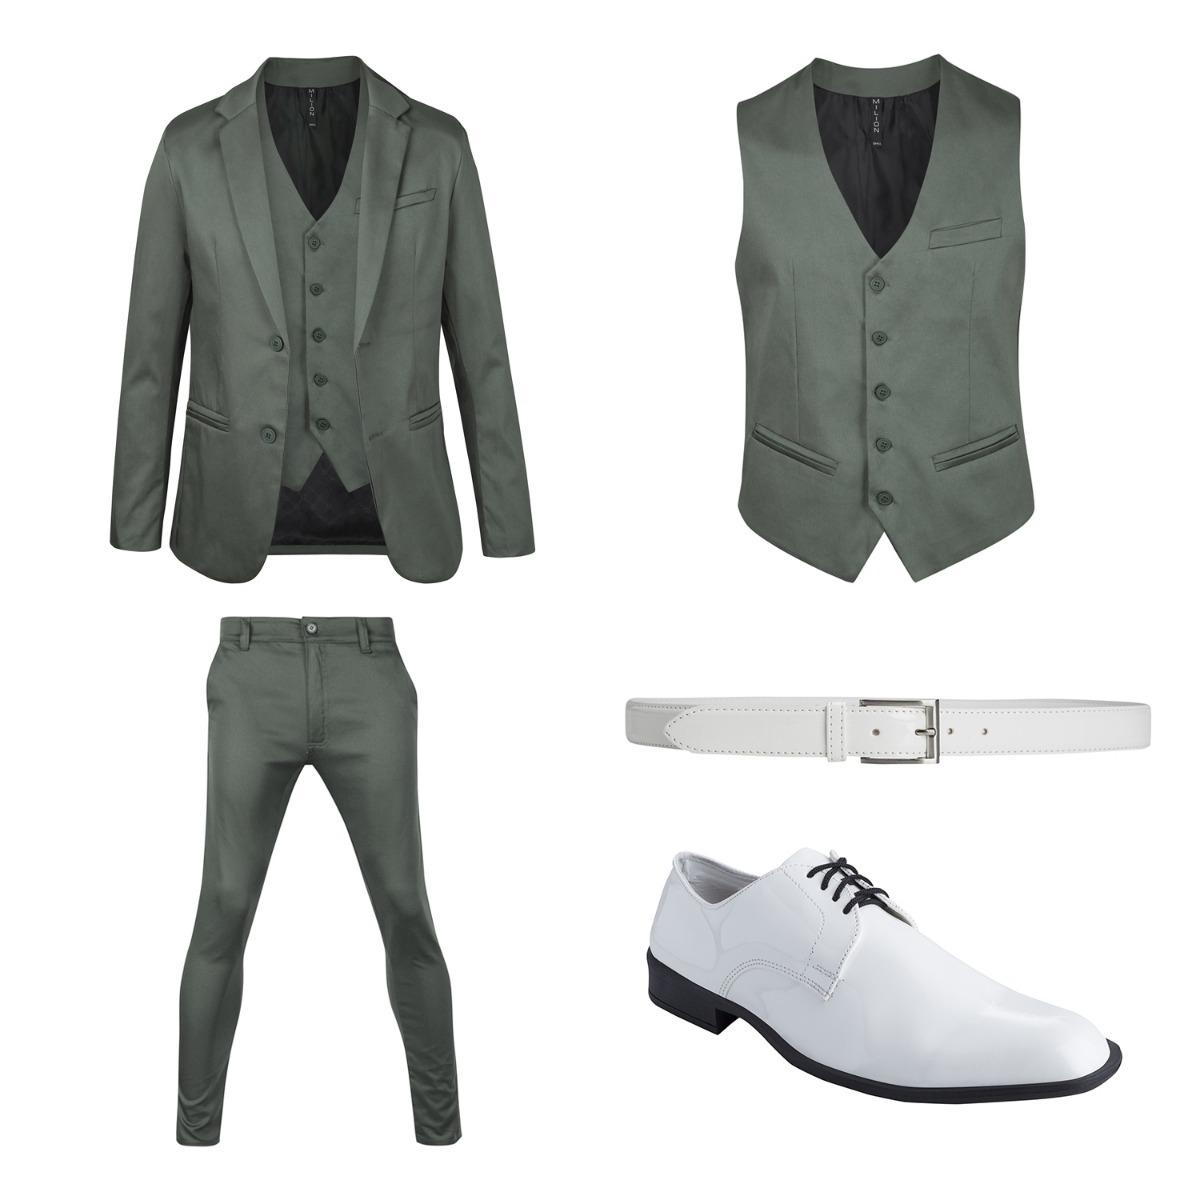 7a1d26658b7e6 zapatos y cinto de vestir con traje satinado slim fit import. Cargando zoom.